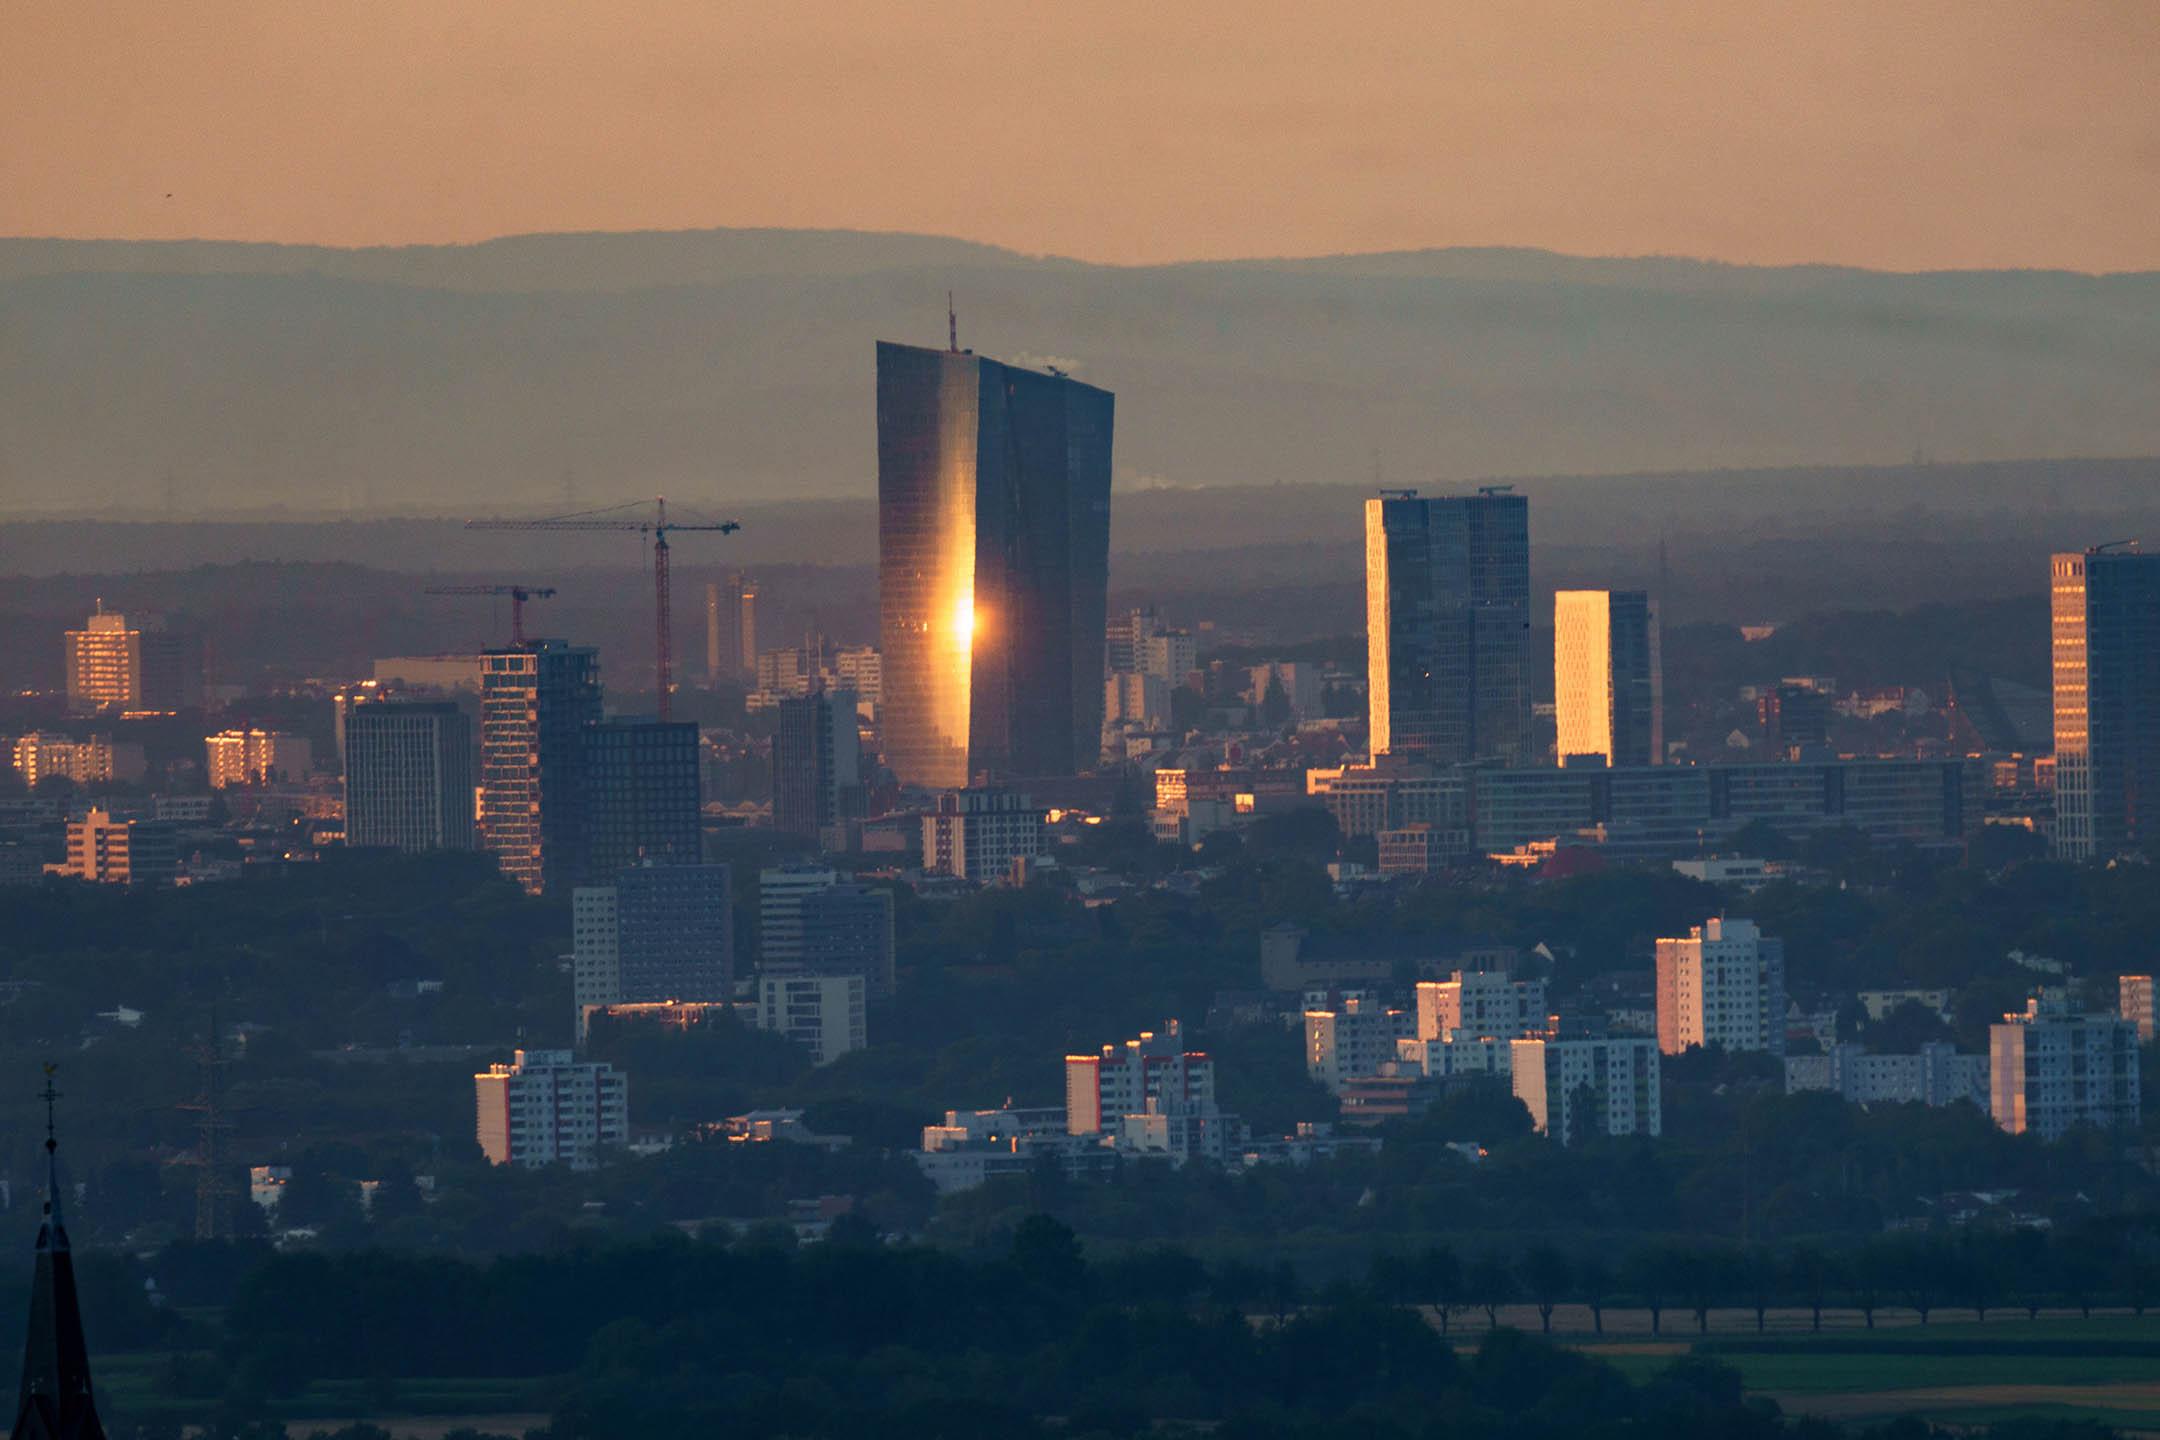 2021年7月29日德國黑森州,歐洲中央銀行 (ECB) 總部的摩天大樓反射初升的陽光。